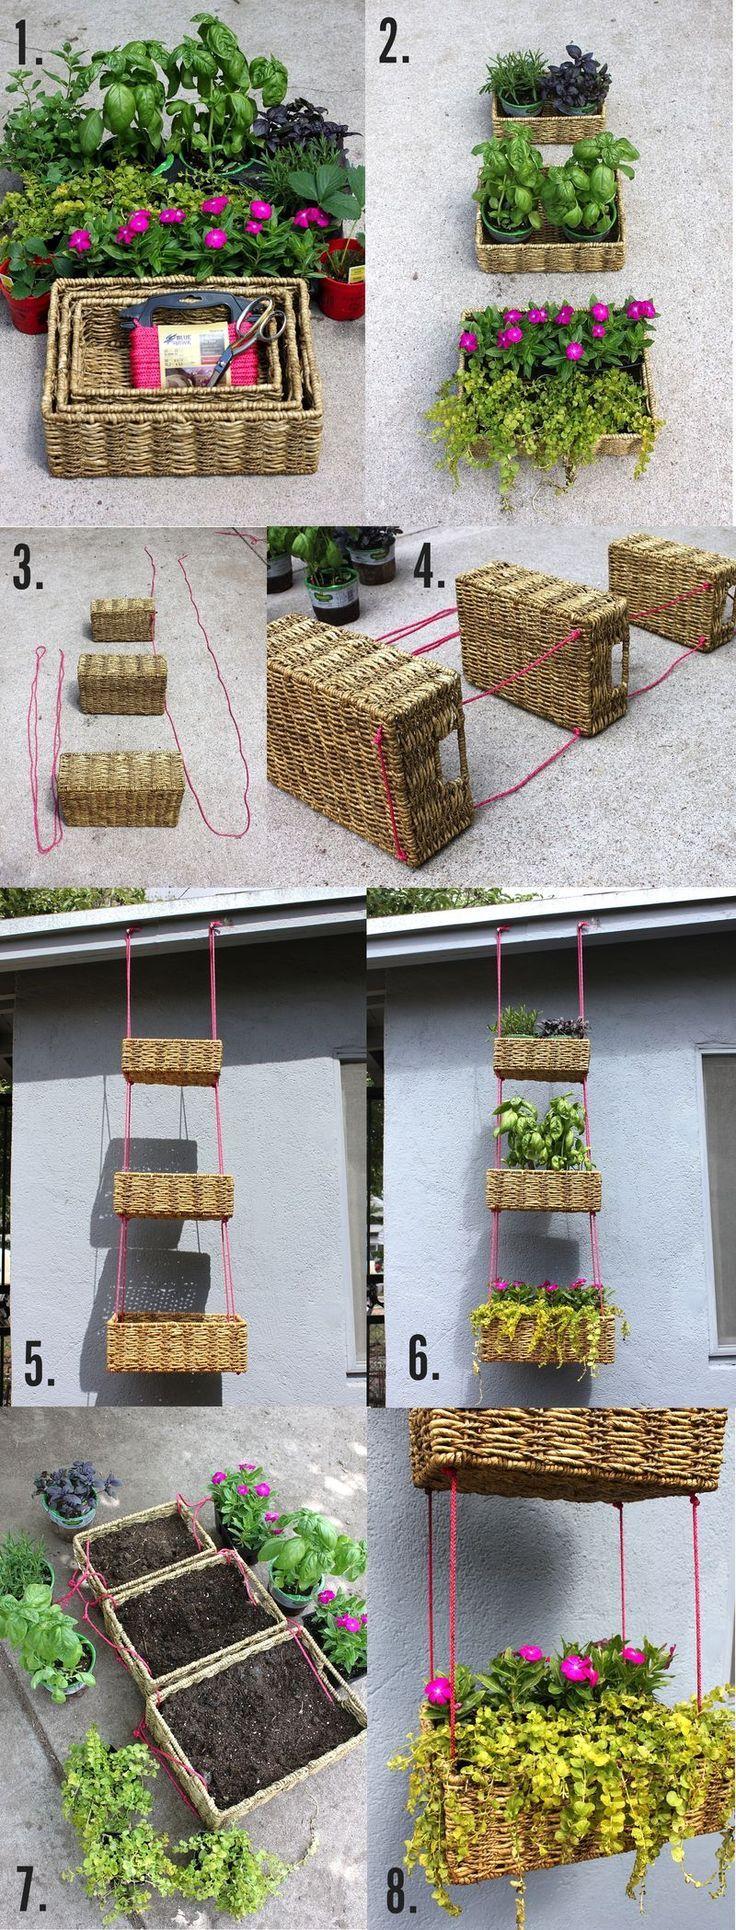 Hanging Basket Garden - How To DIY #vertical #gardening